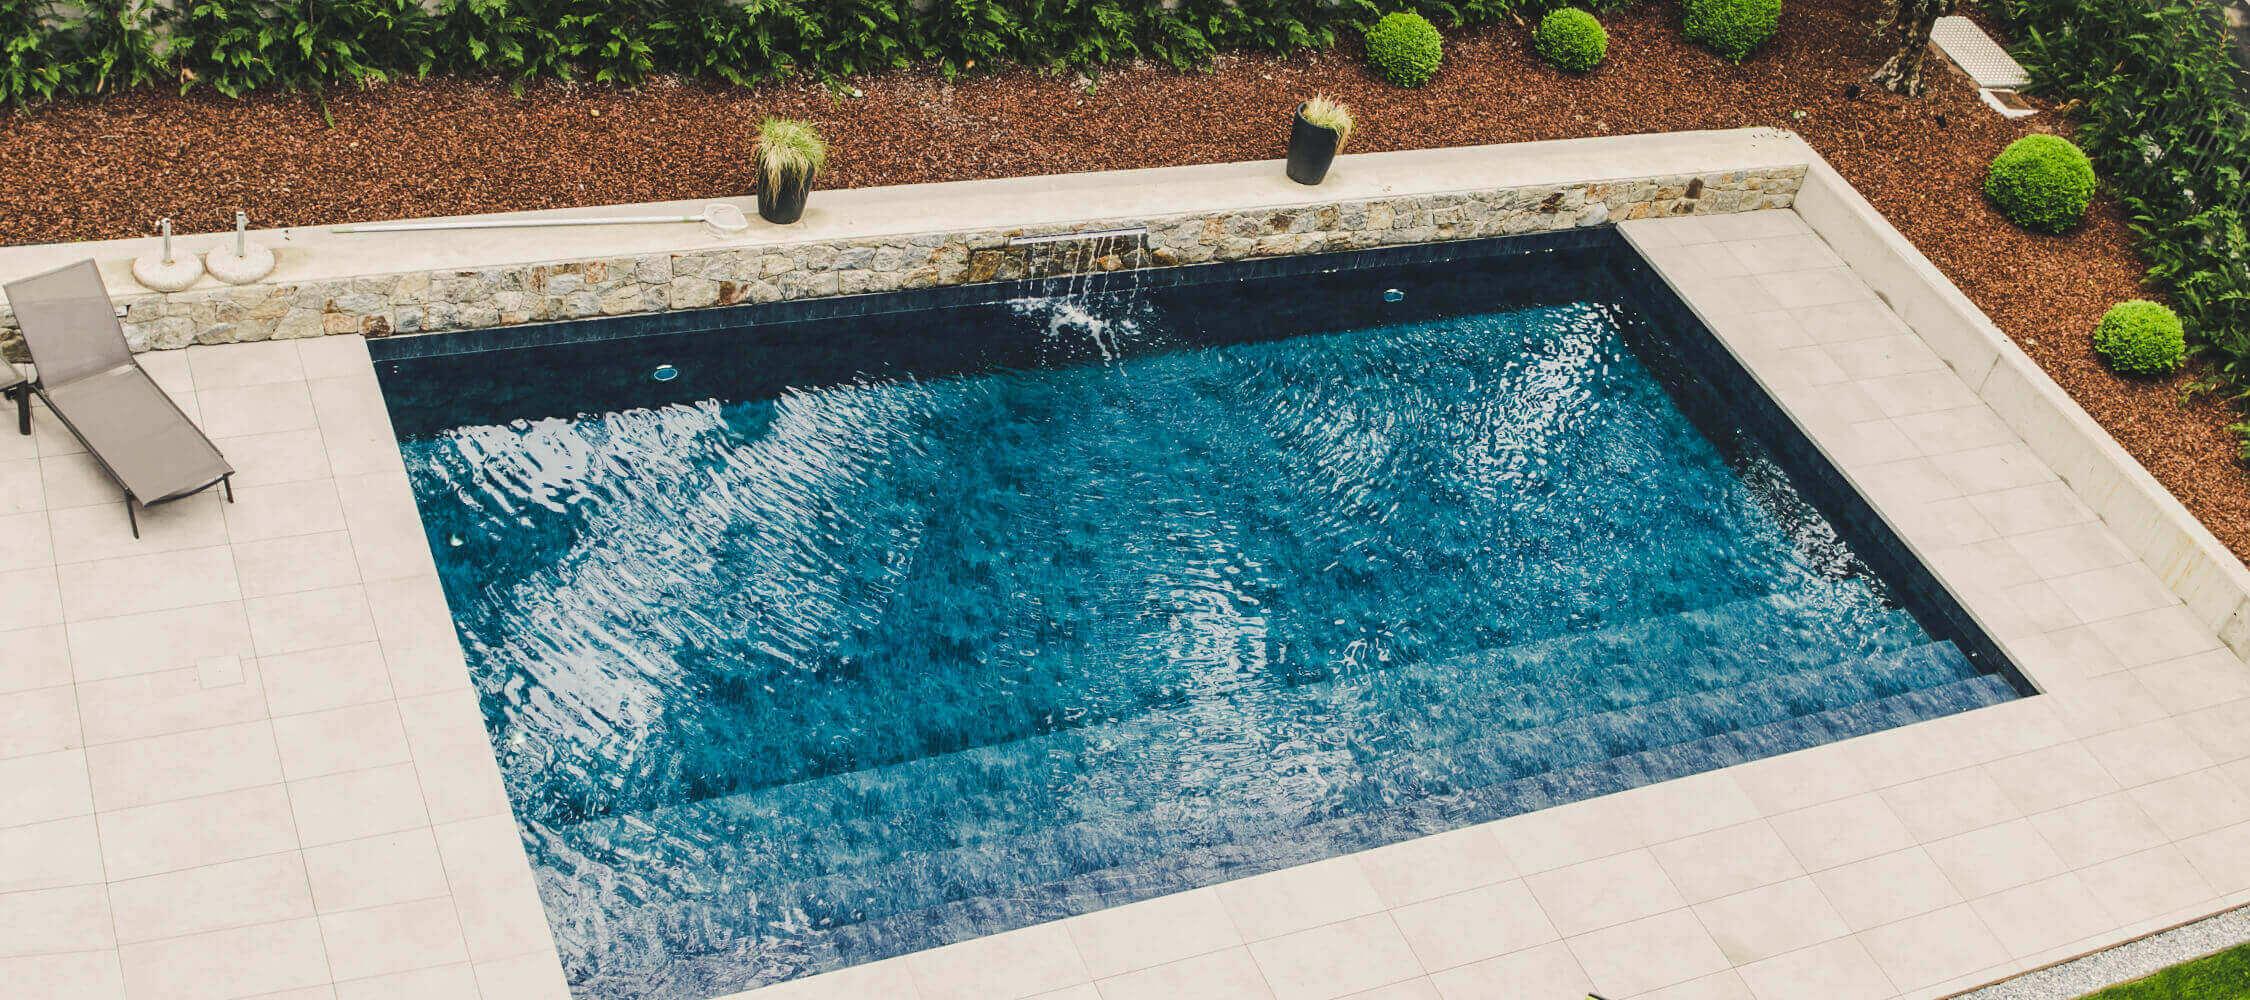 Hotel_Flora_Merano_Wellness_Garten_Freischwimmbad_Anguane_2018-6538_2250x1000